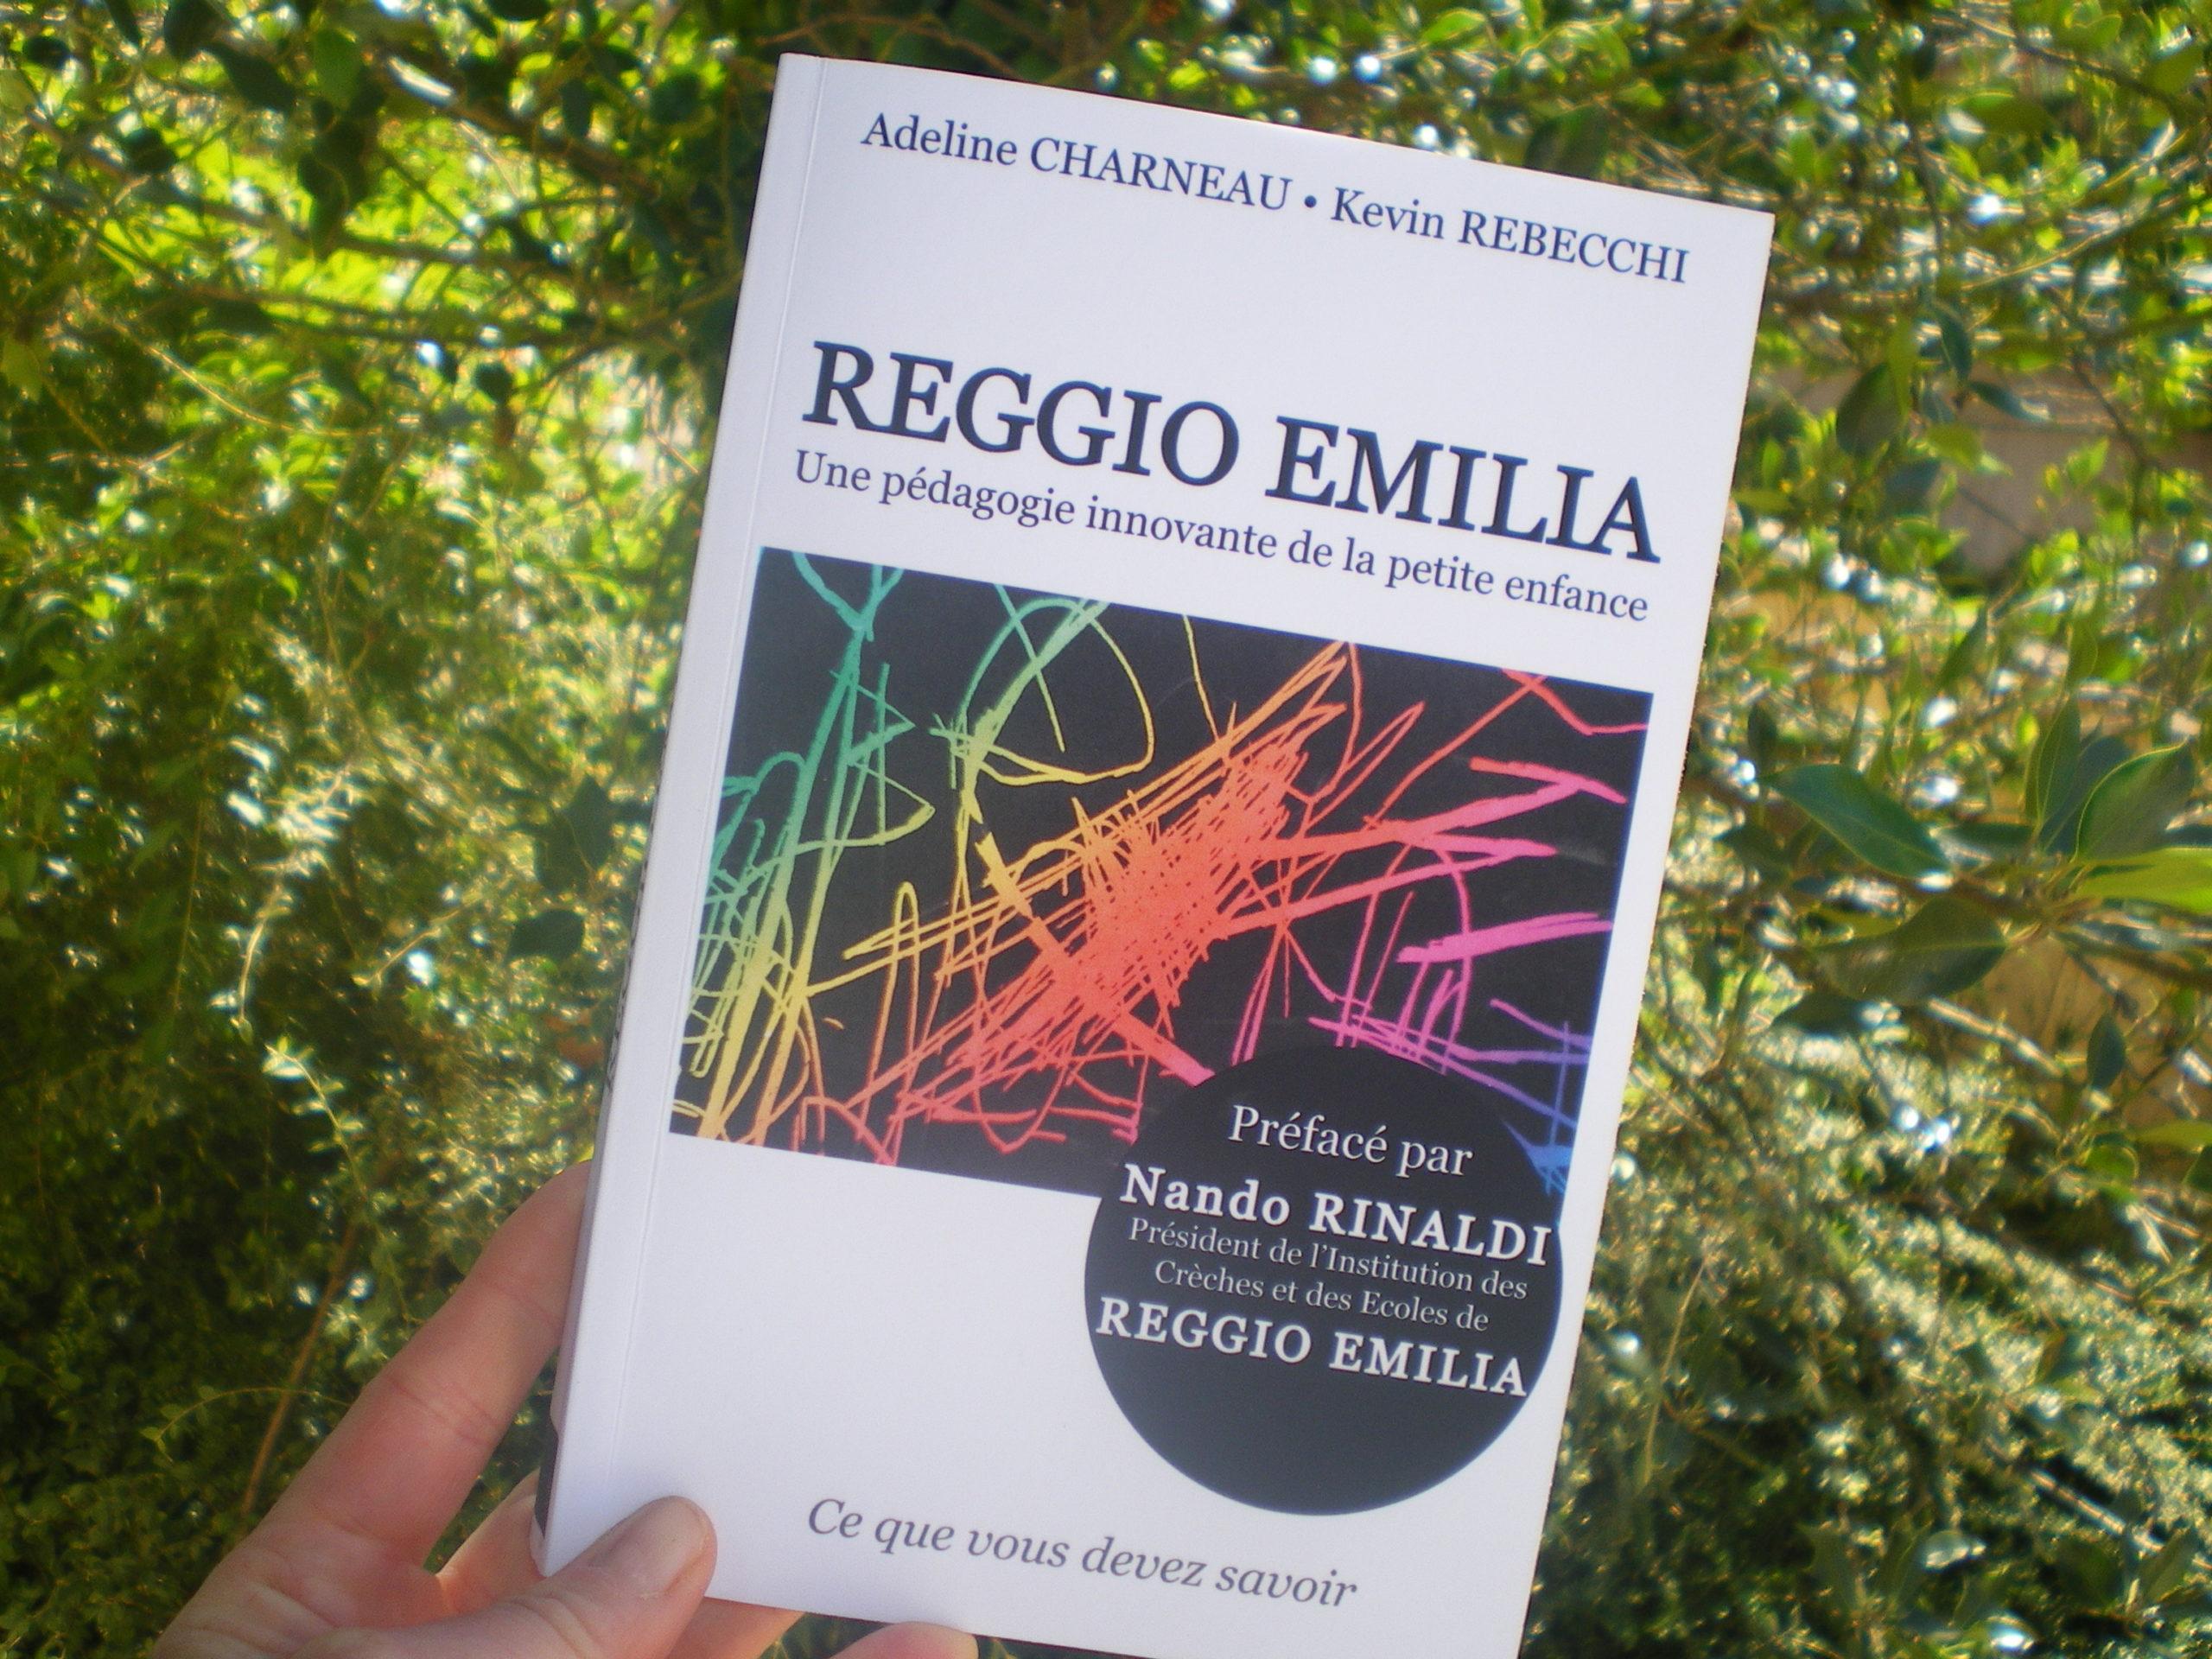 livre pédagogie reggio emilia